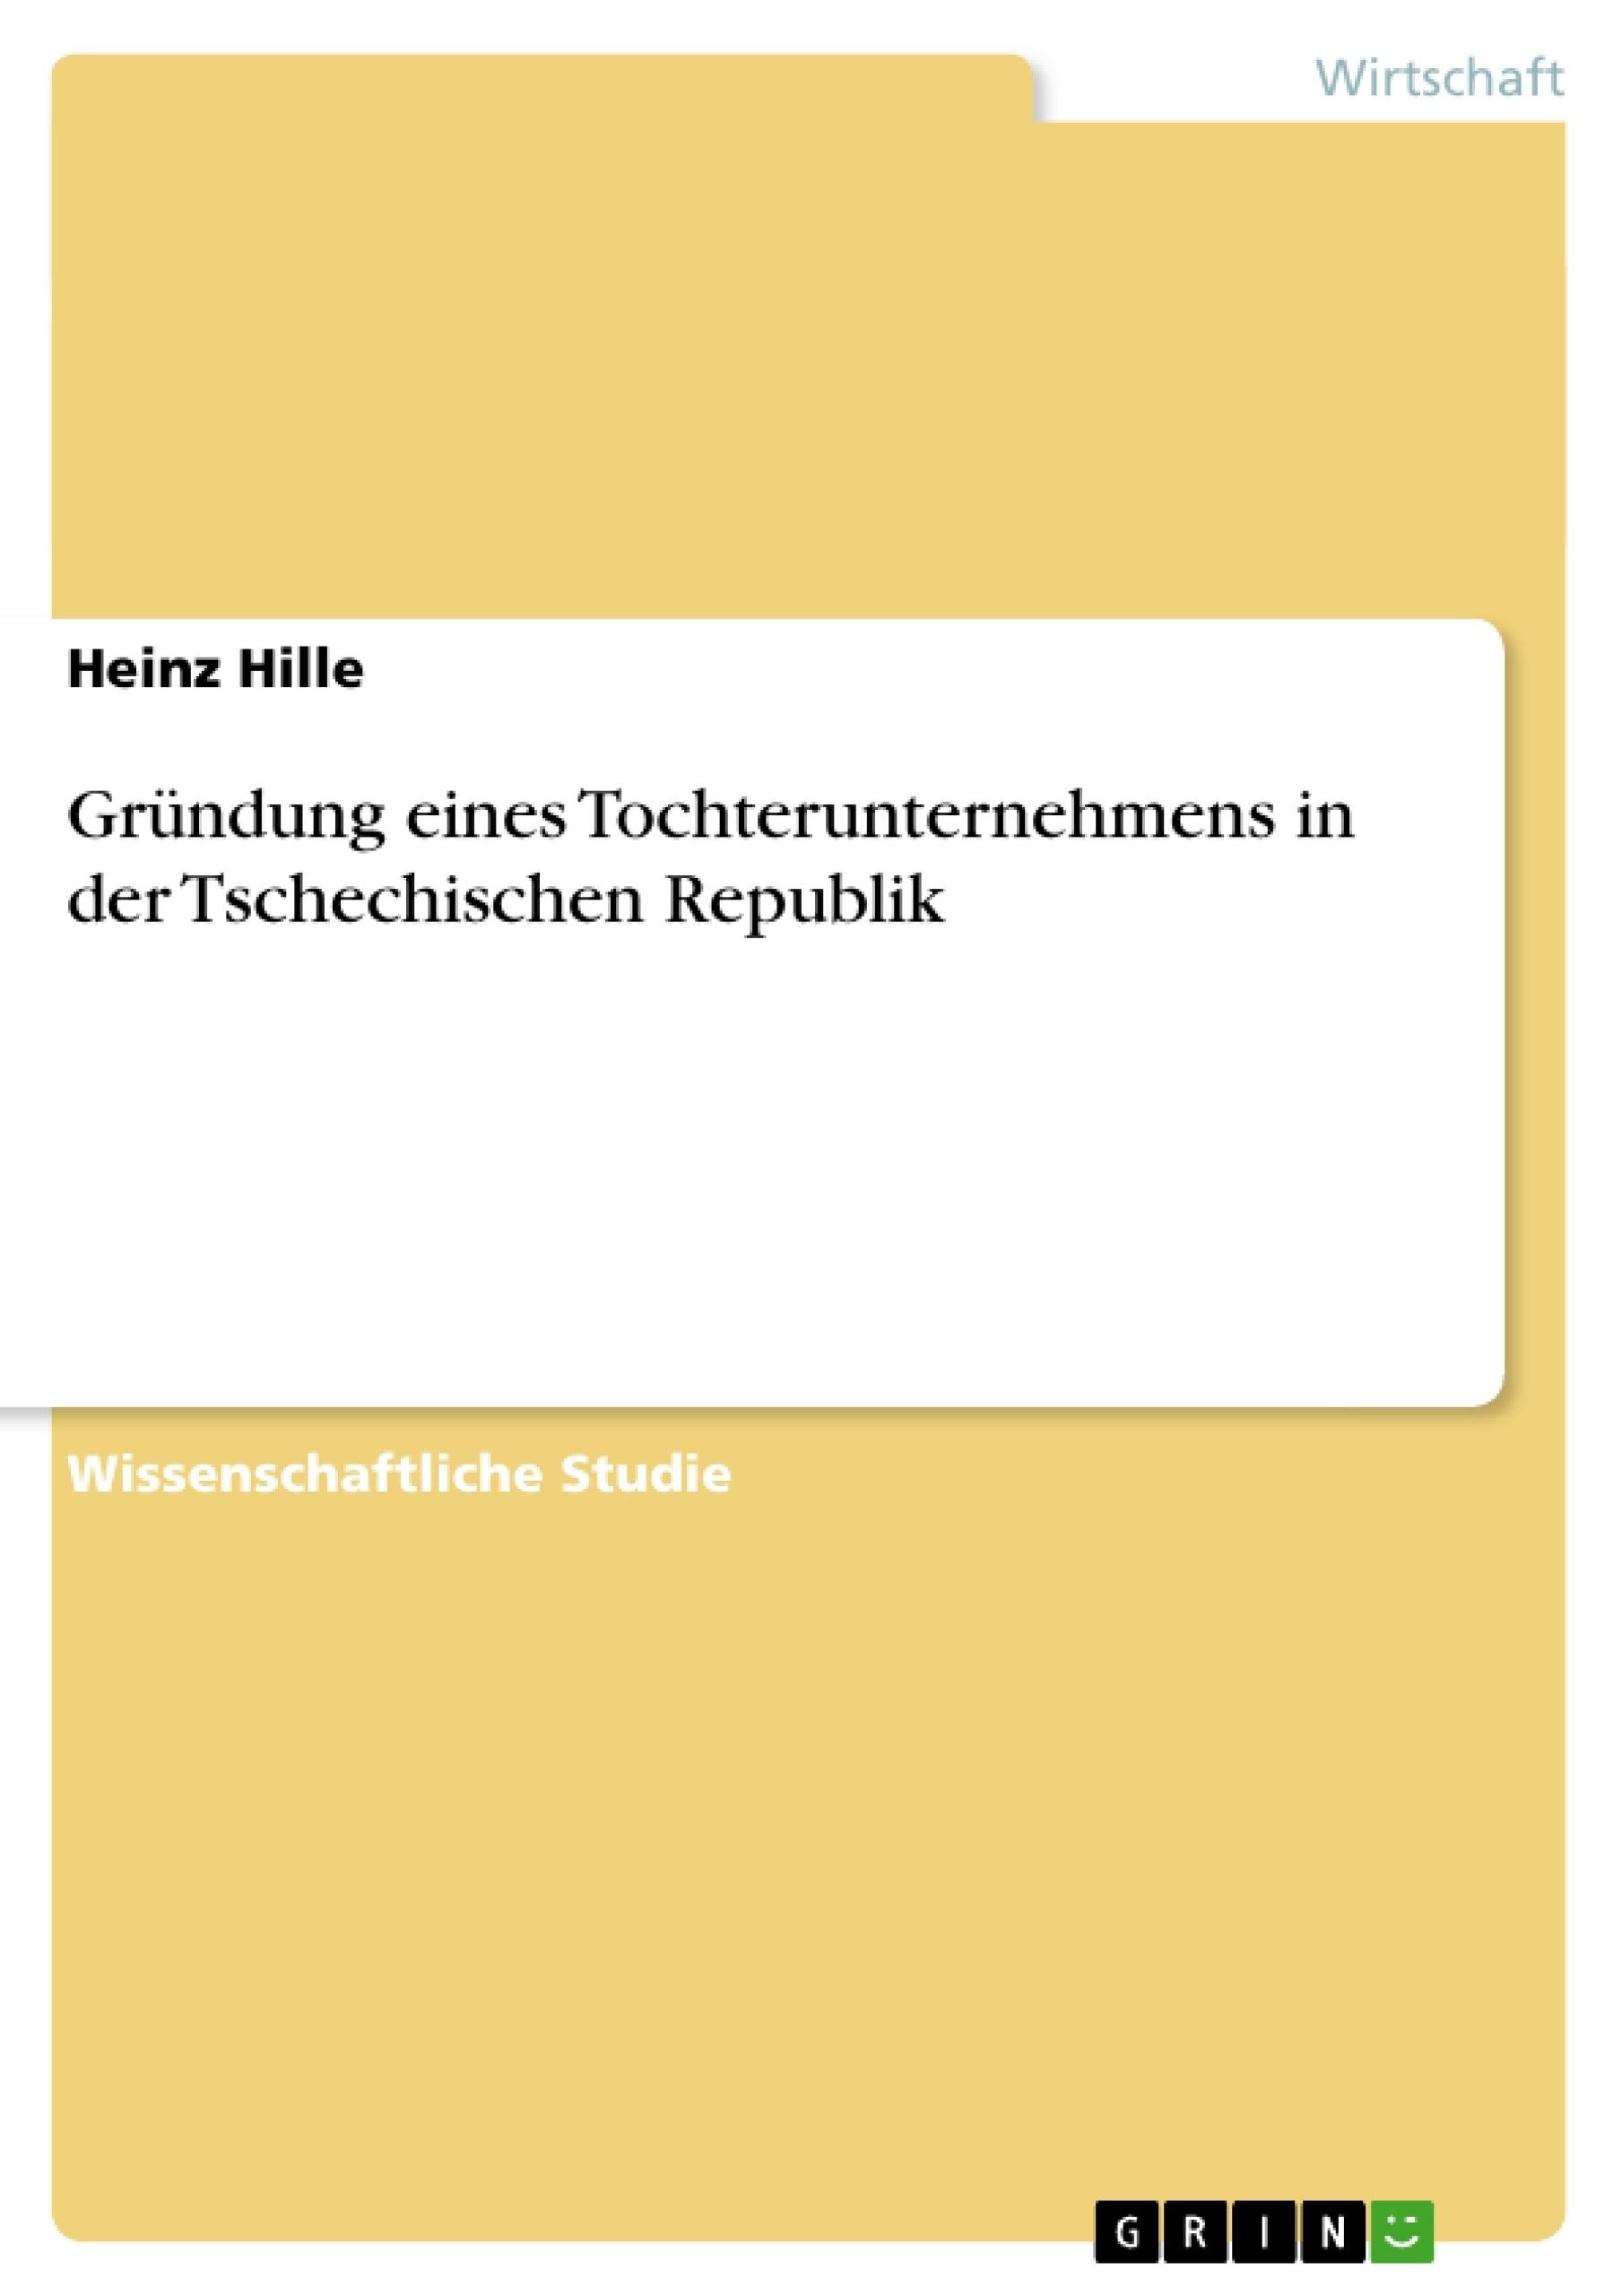 Titel: Gründung eines Tochterunternehmens in der Tschechischen Republik